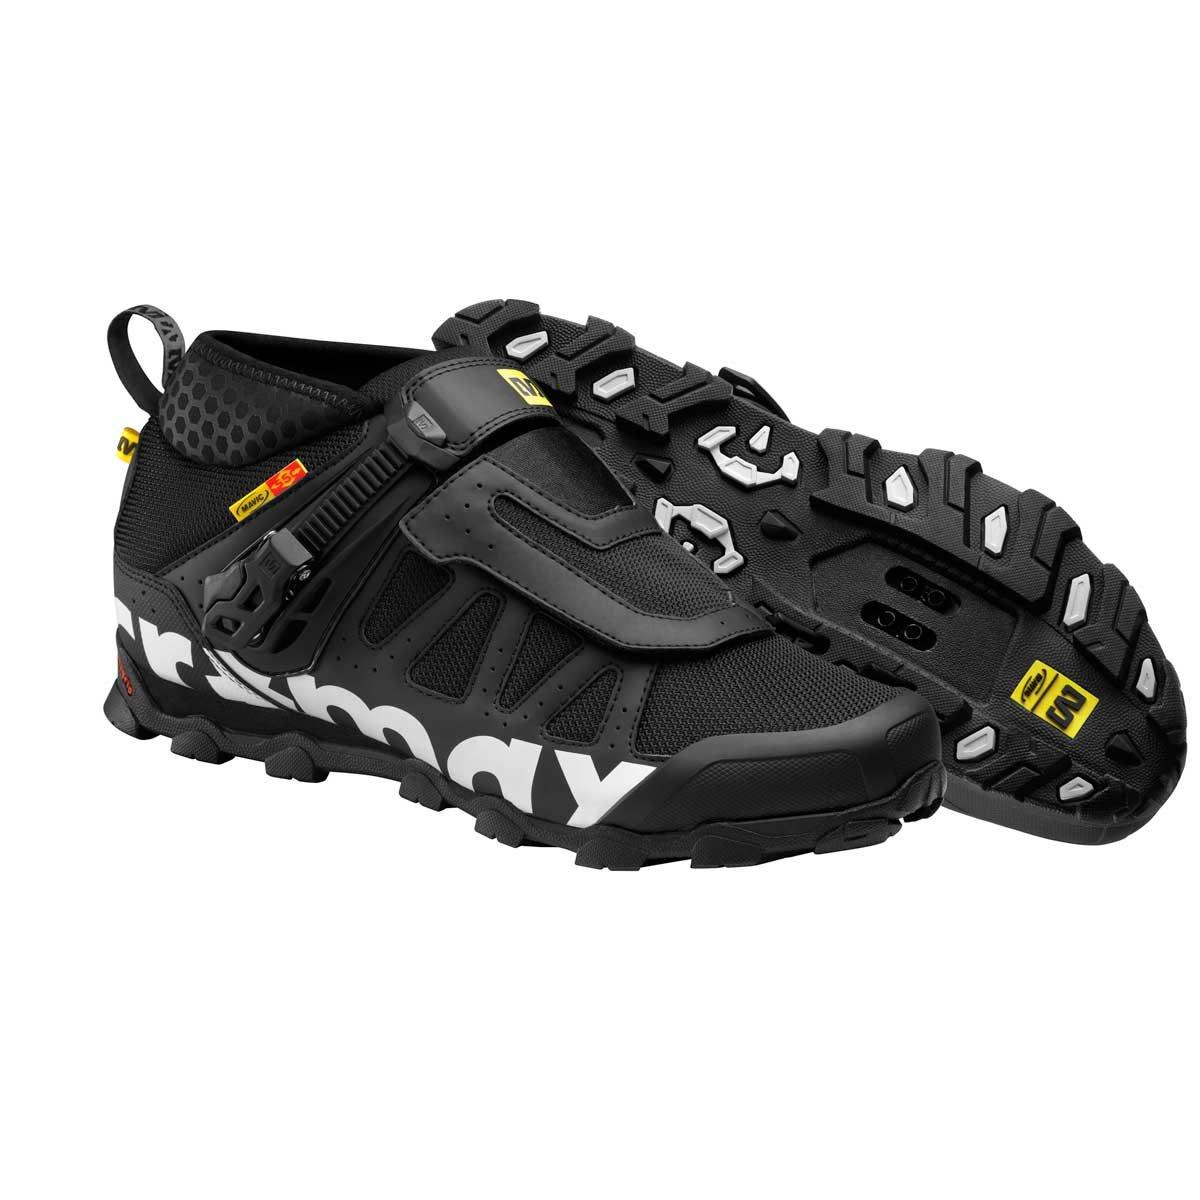 Zapatillas MTB Mavic Crossmax negro para hombre Talla 43 1/3 2015: Amazon.es: Deportes y aire libre